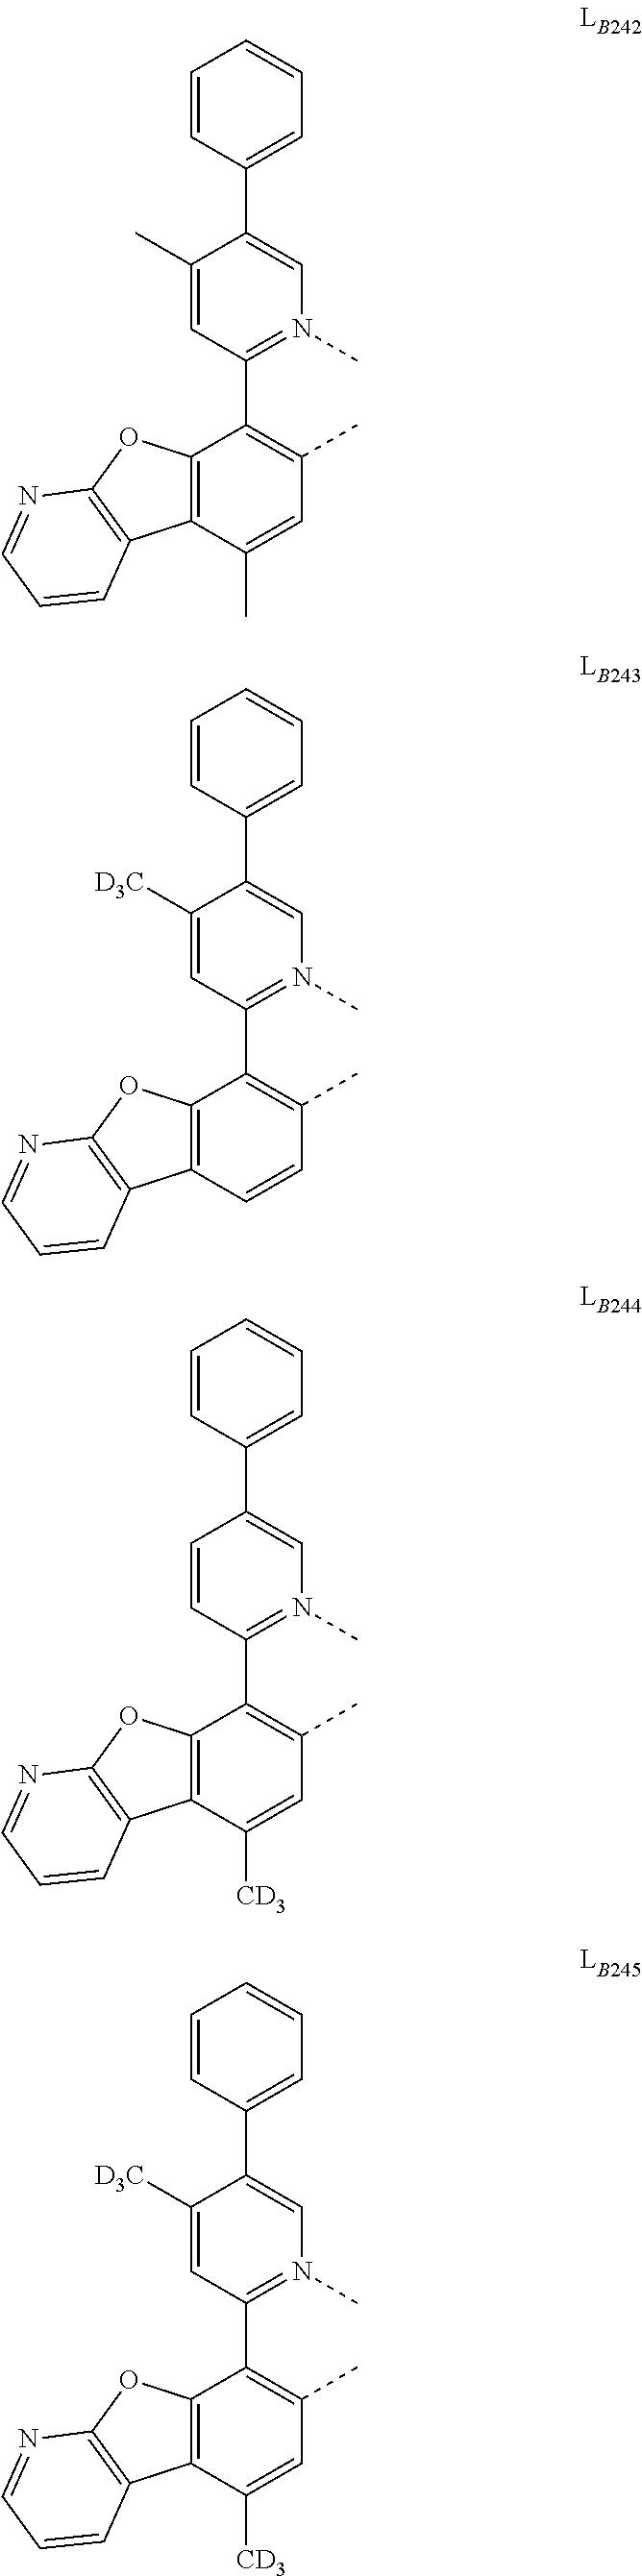 Figure US09929360-20180327-C00266